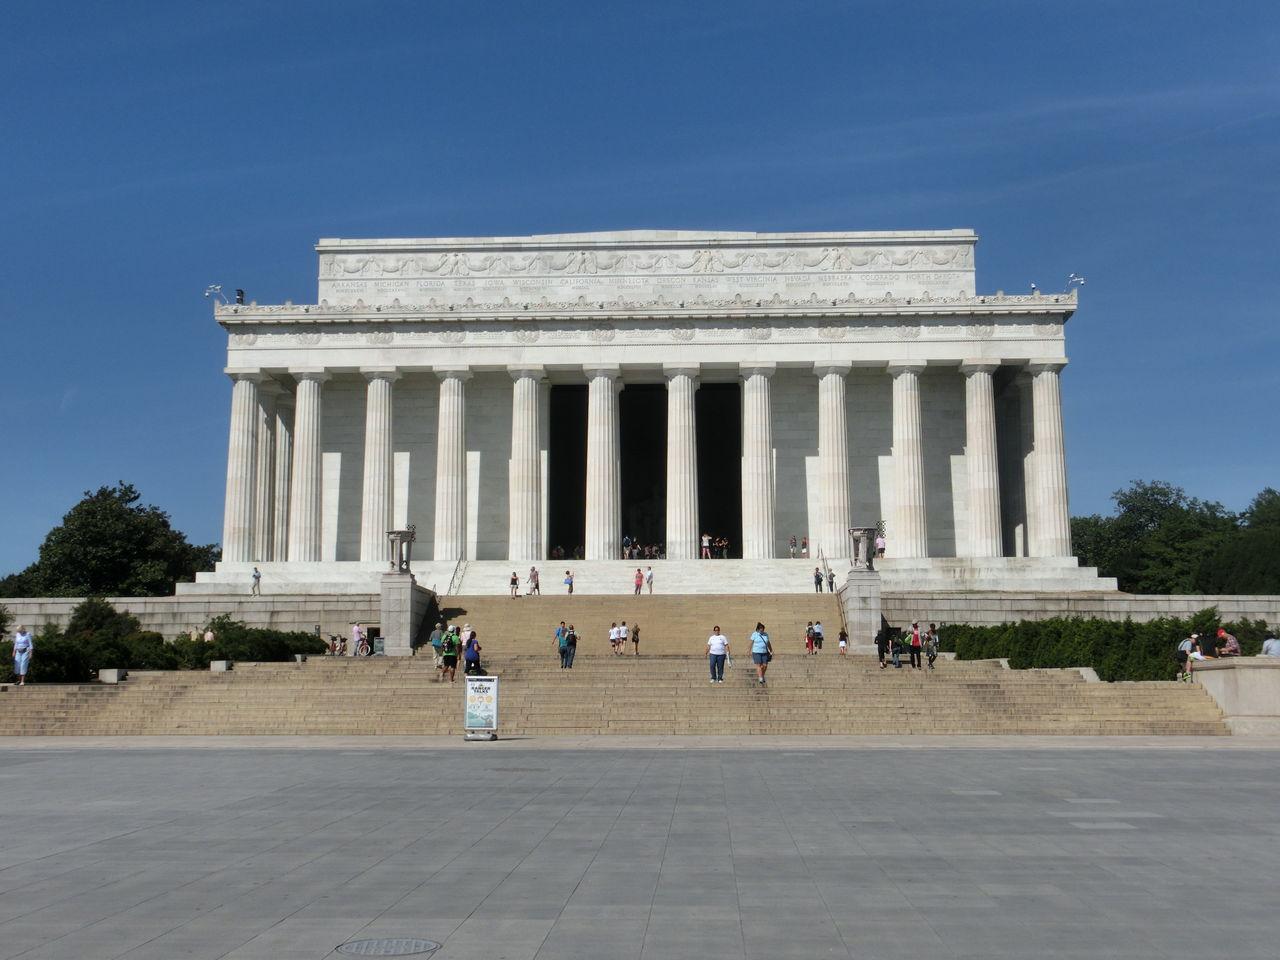 アメリカ合衆国第16代大統領エイブラハム・リンカーンを称えた建物です。 内部には巨大なリンカーン像があります。